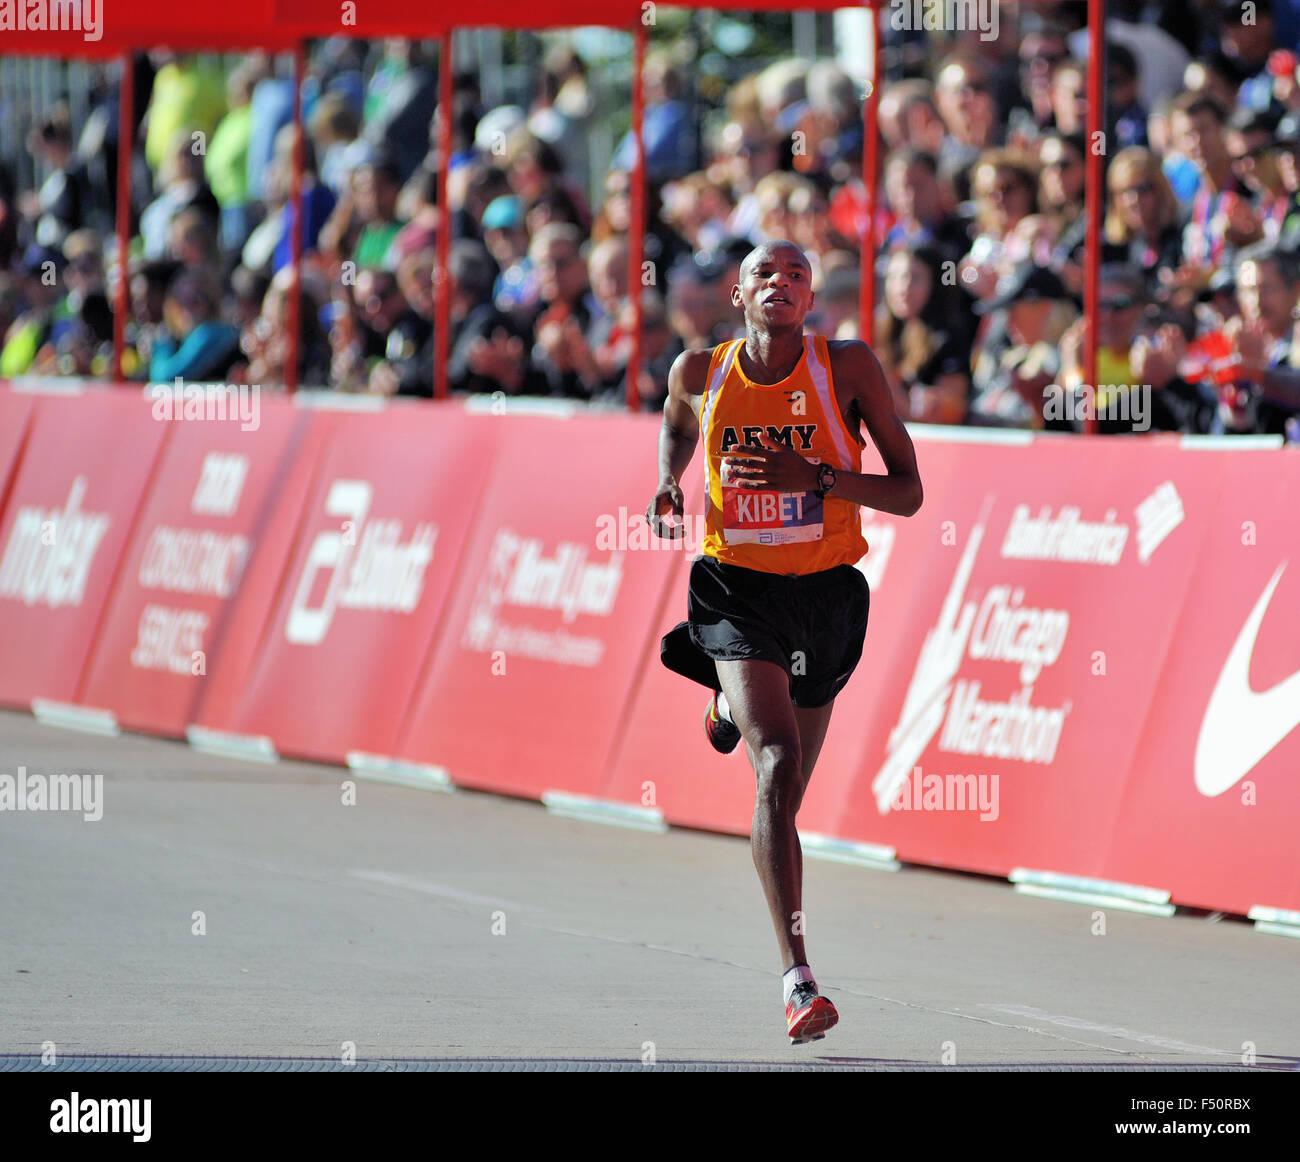 Elkanah Kibet degli Stati Uniti si avvicina al traguardo del 2015 Maratona di Chicago. Chicago, Illinois, Stati Immagini Stock